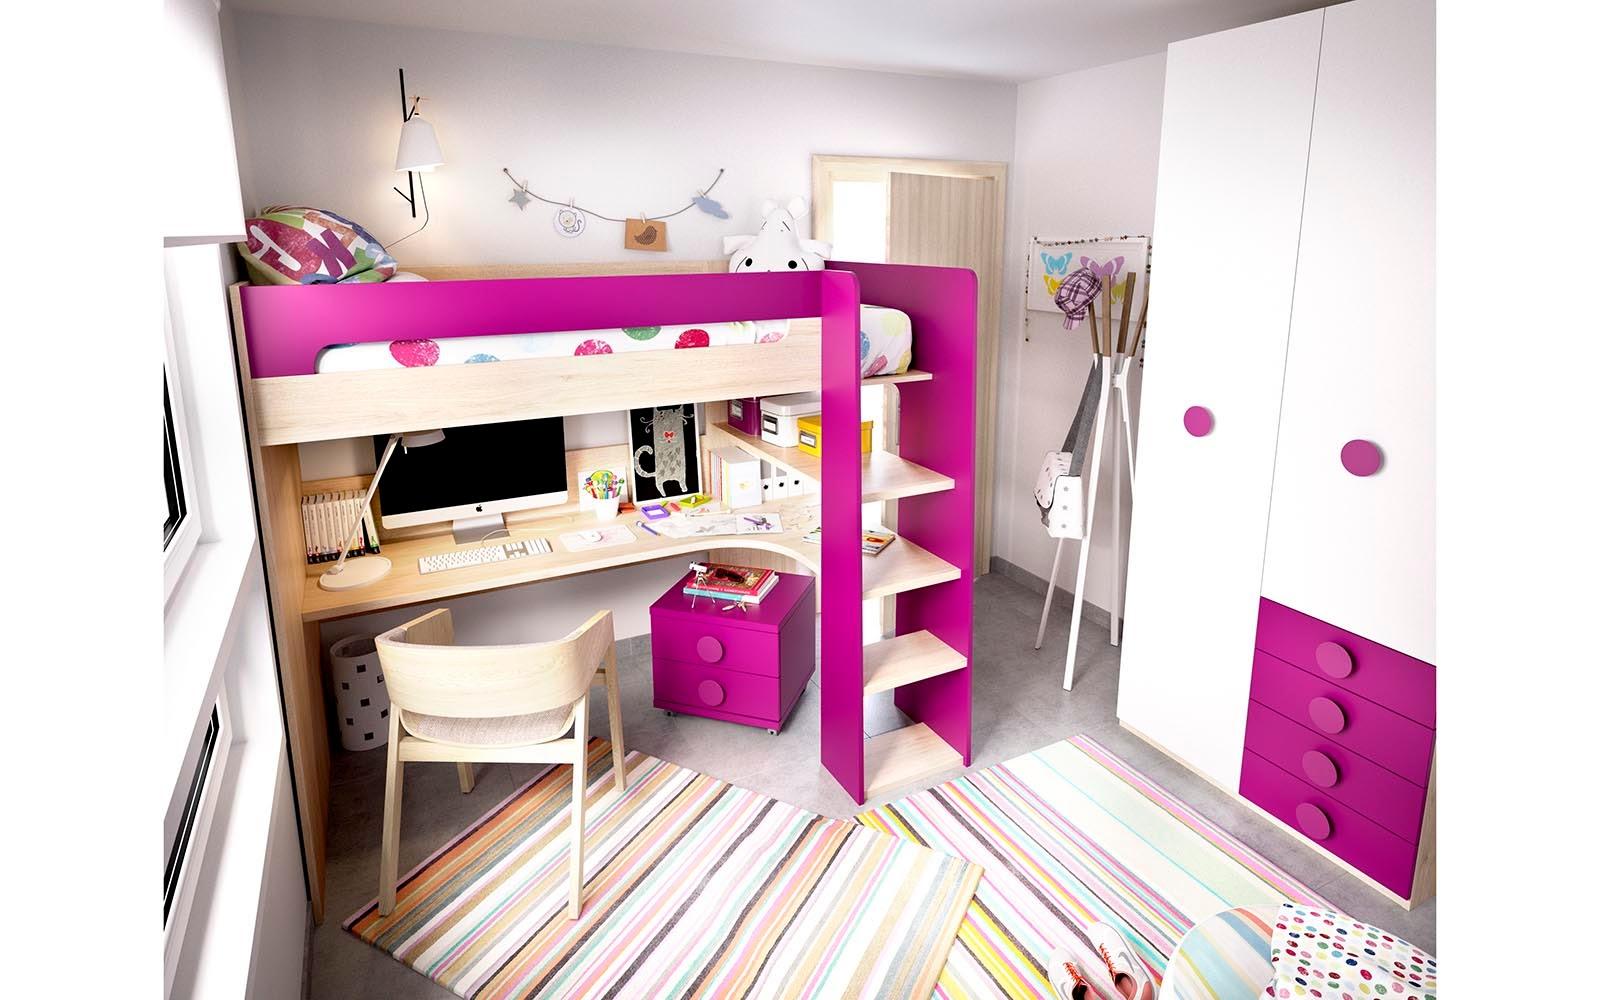 Mundo Juvenil Muebles : Mundo juvenil muebles excellent